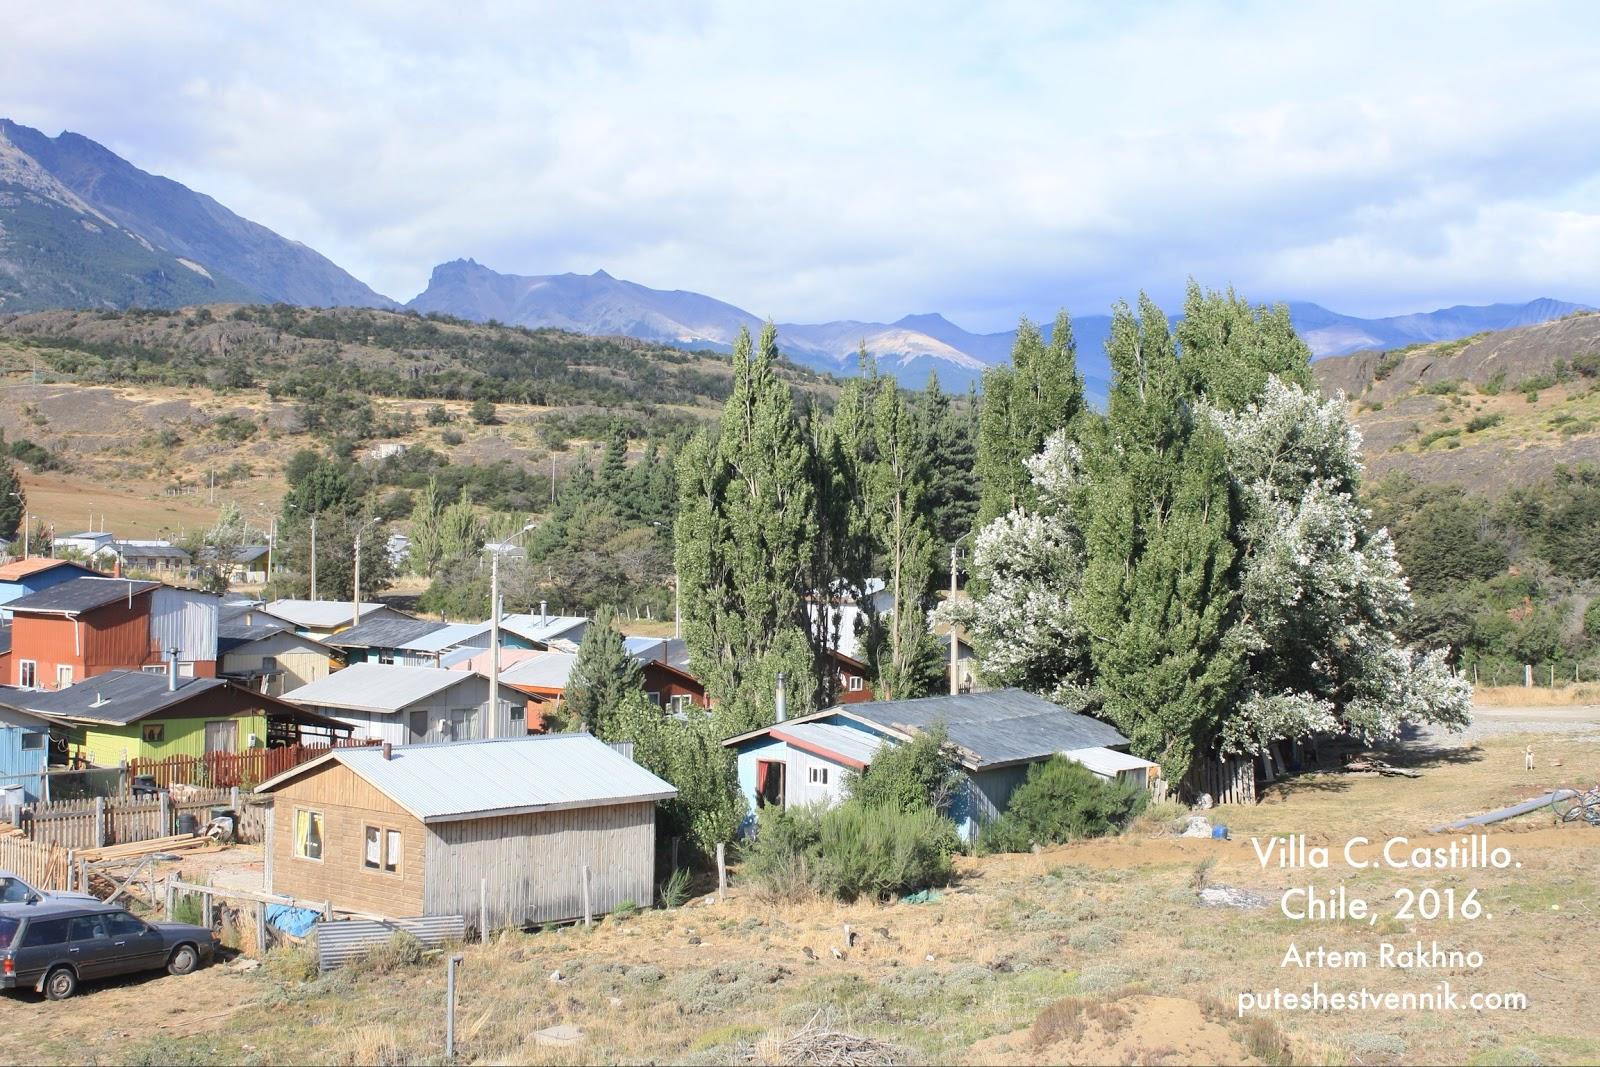 Дома в деревне Вилла Серро Кастильо